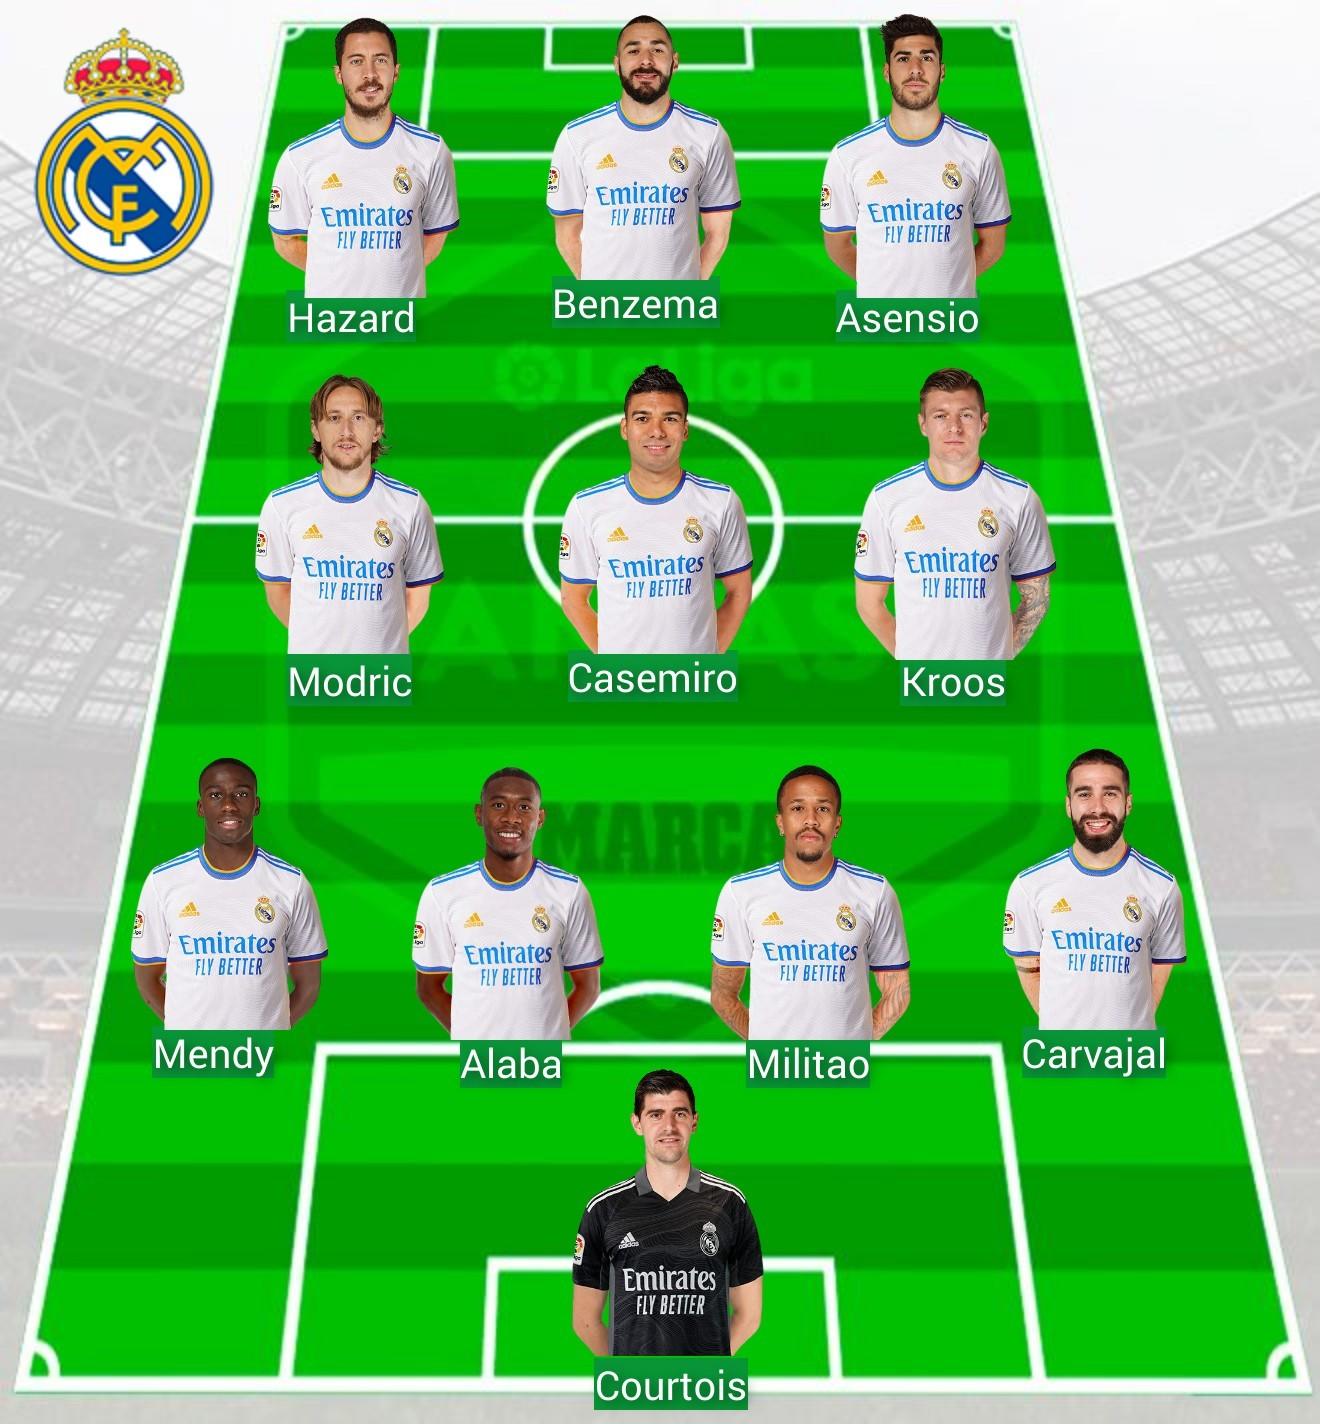 Fichajes Real Madrid: traspasos, rumores, altas y bajas para la temporada 2021/22 en Primera División